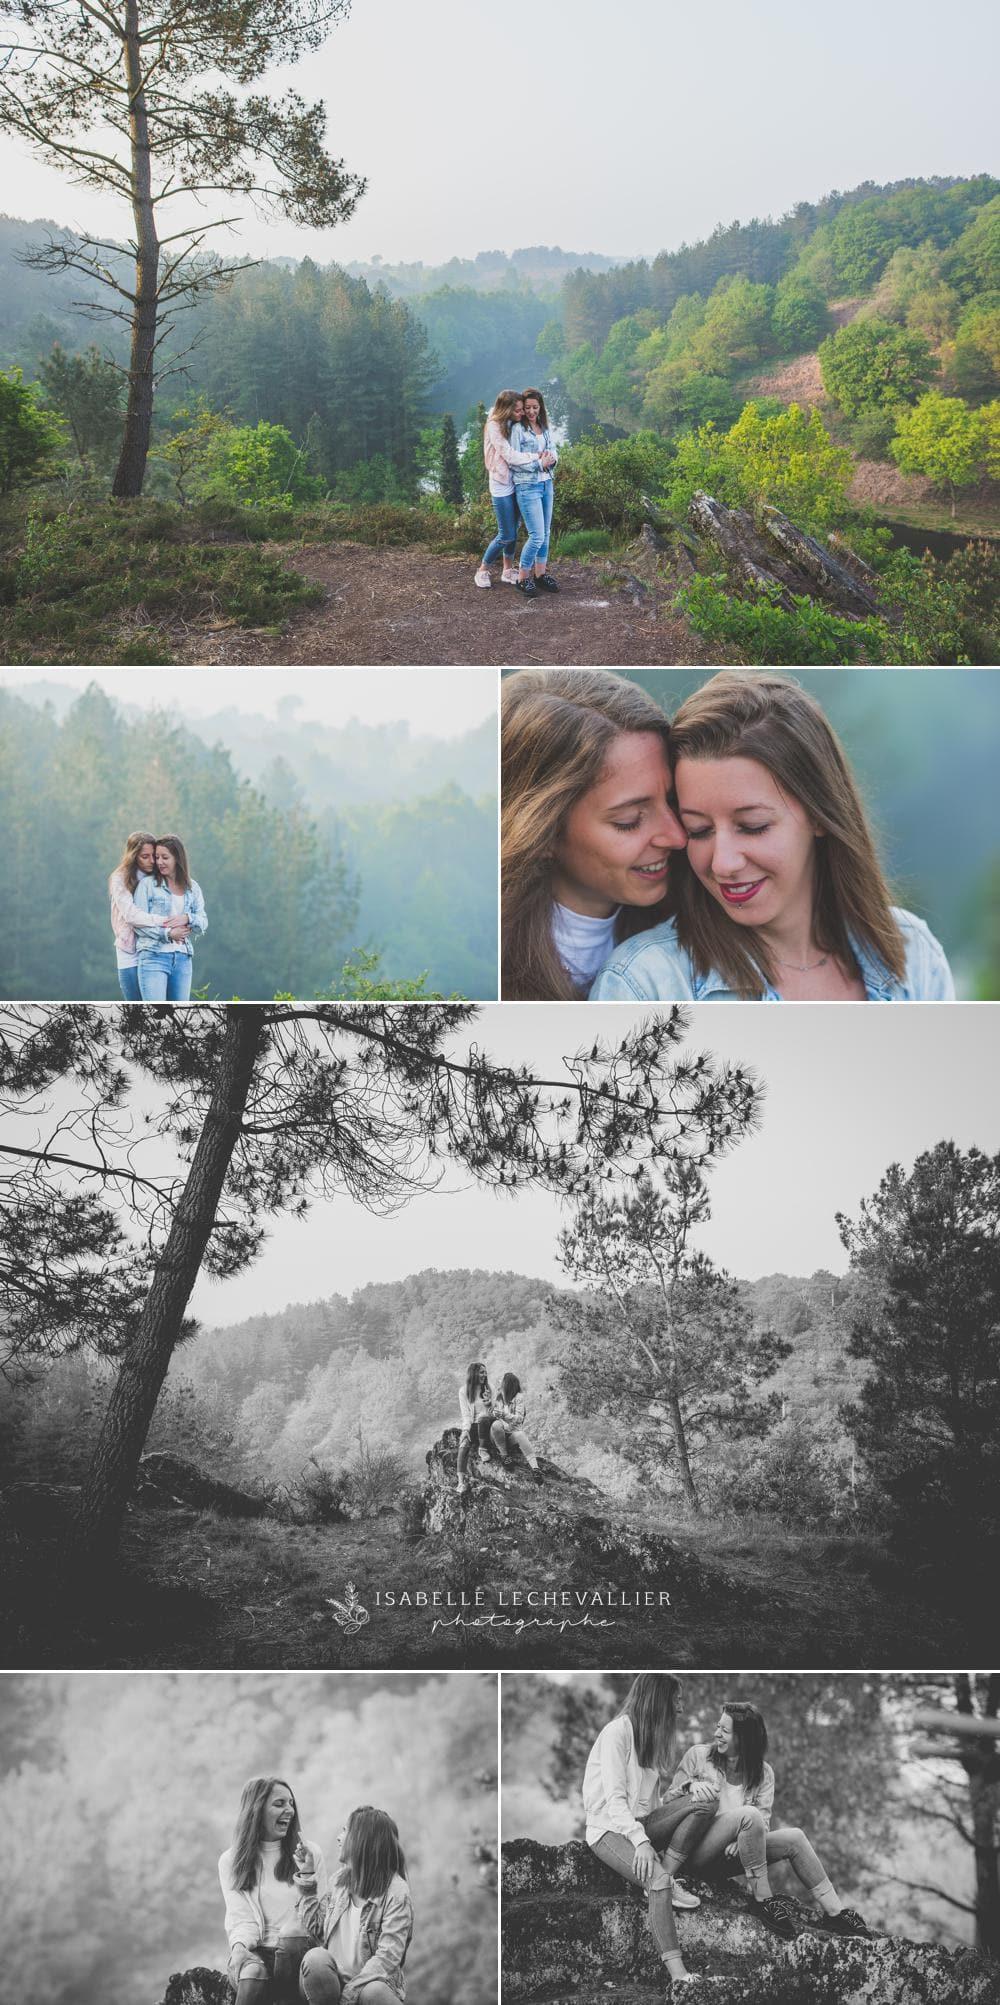 Une histoire d'amoureuses en photos